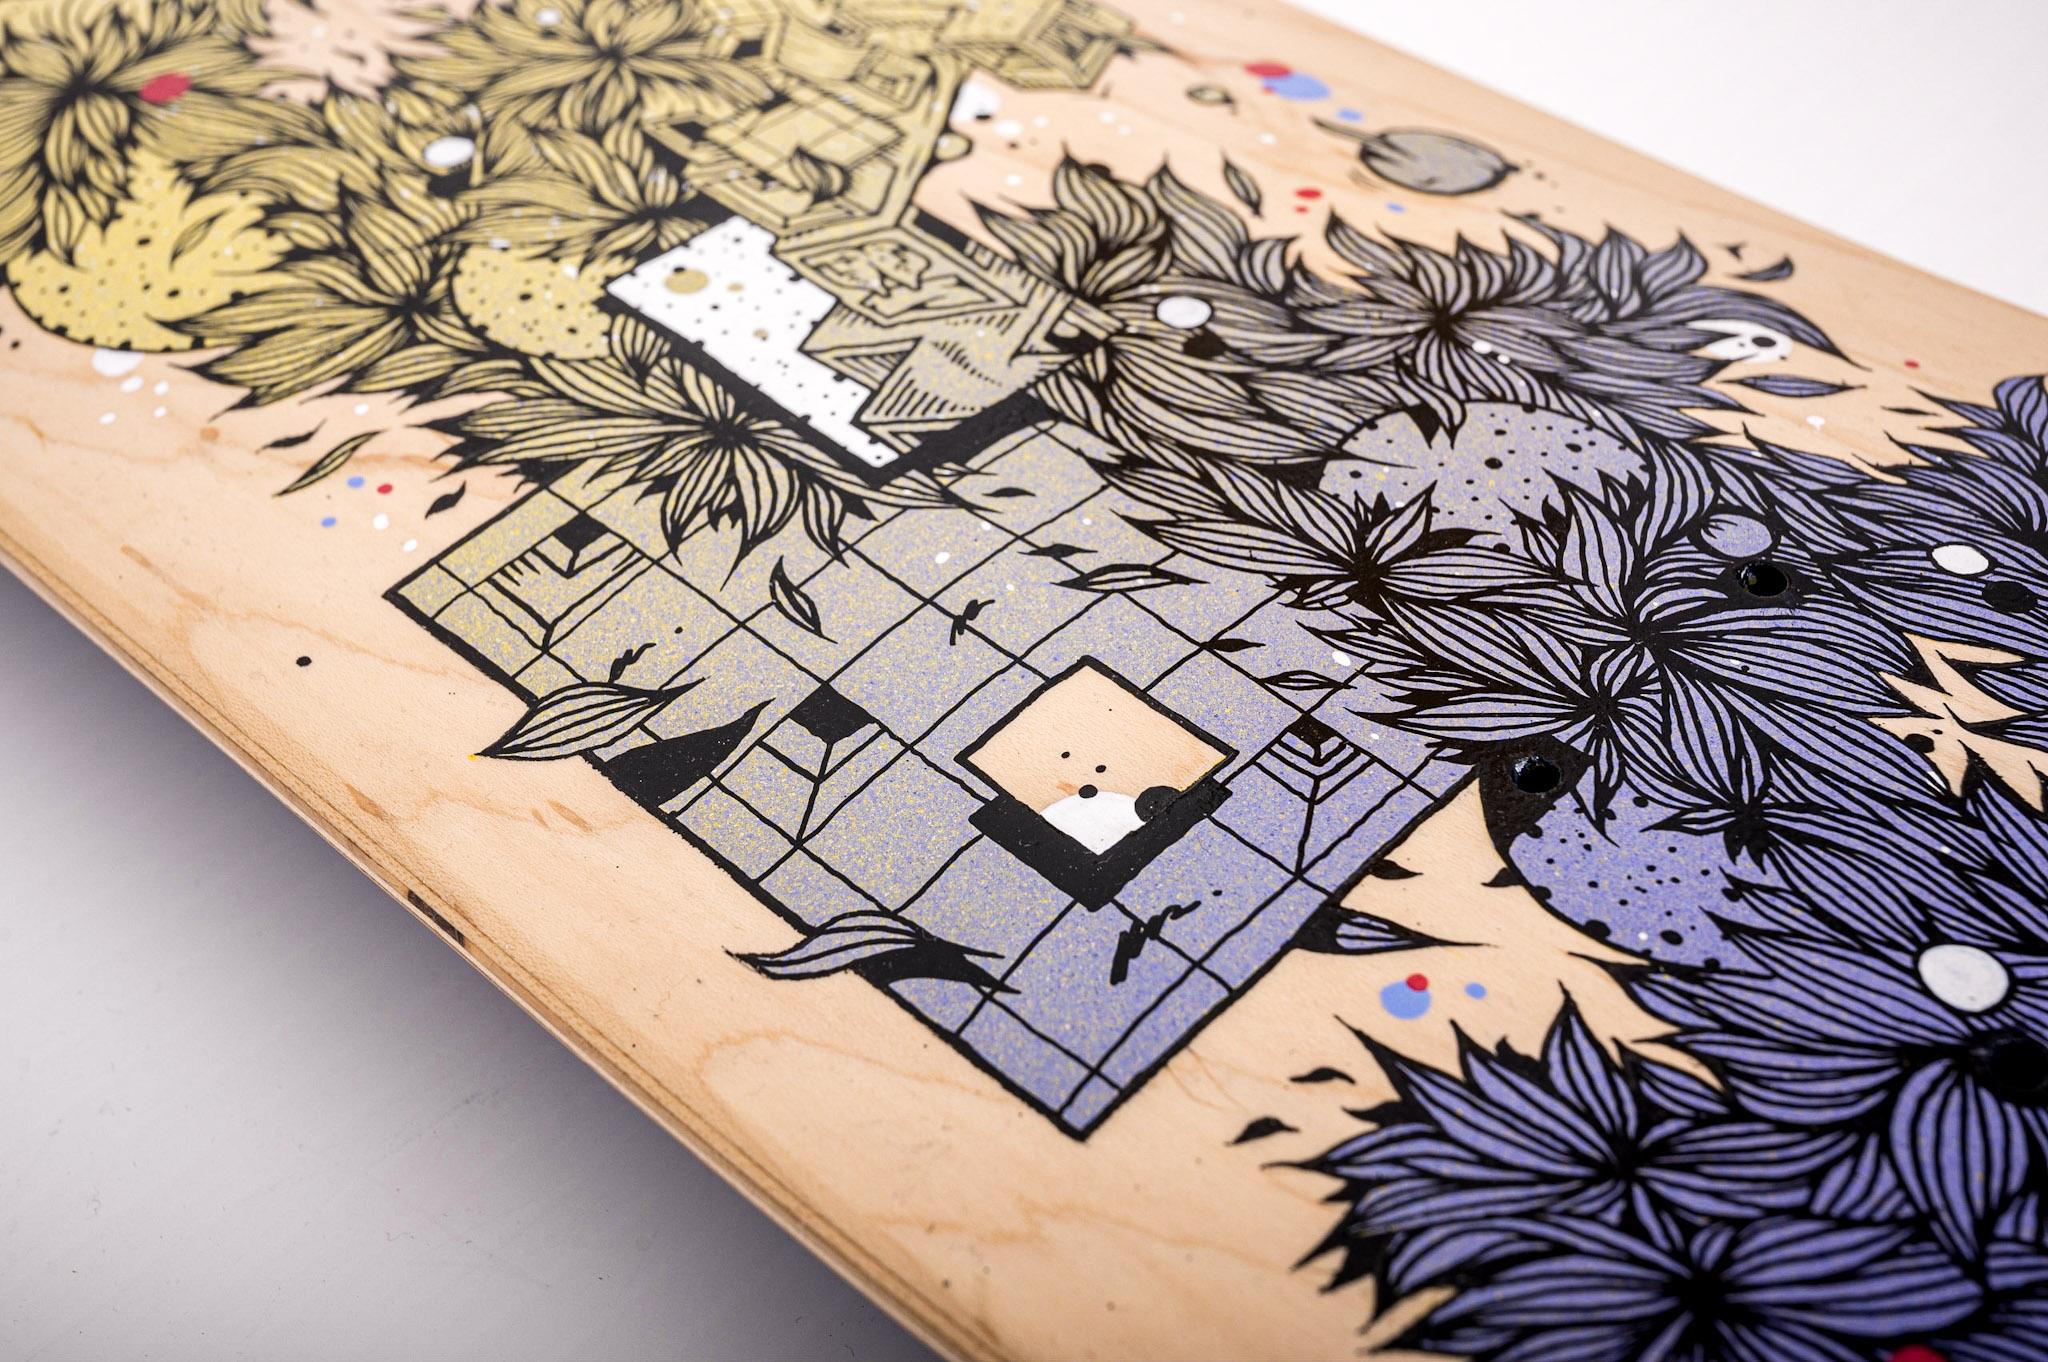 Se cultiver à la maison : l'exposition Spraying Board